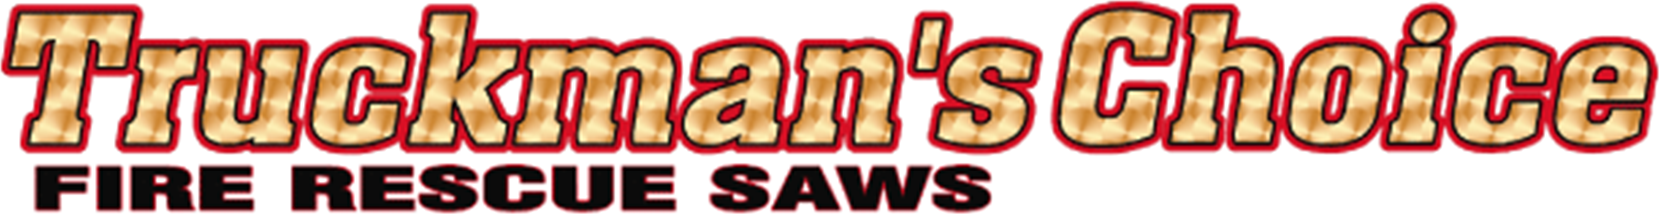 Truckmans Choice Rescue Saws